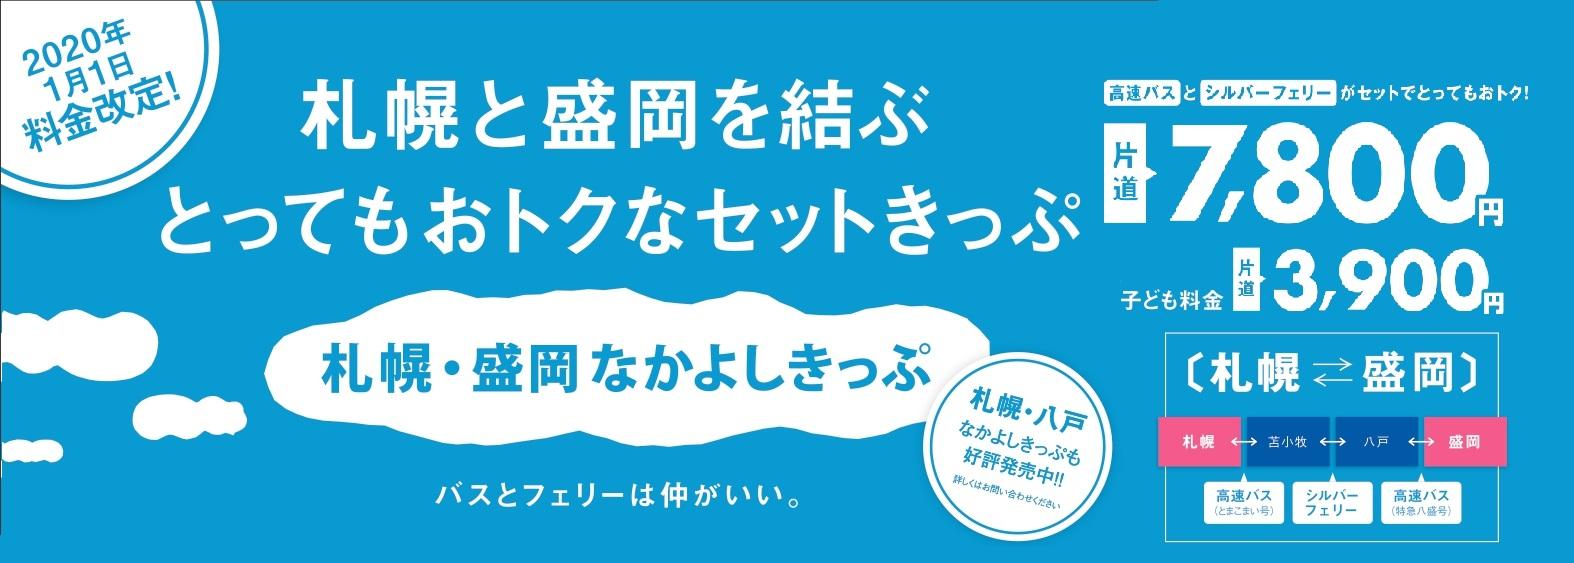 札幌 盛岡 なかよし きっぷ